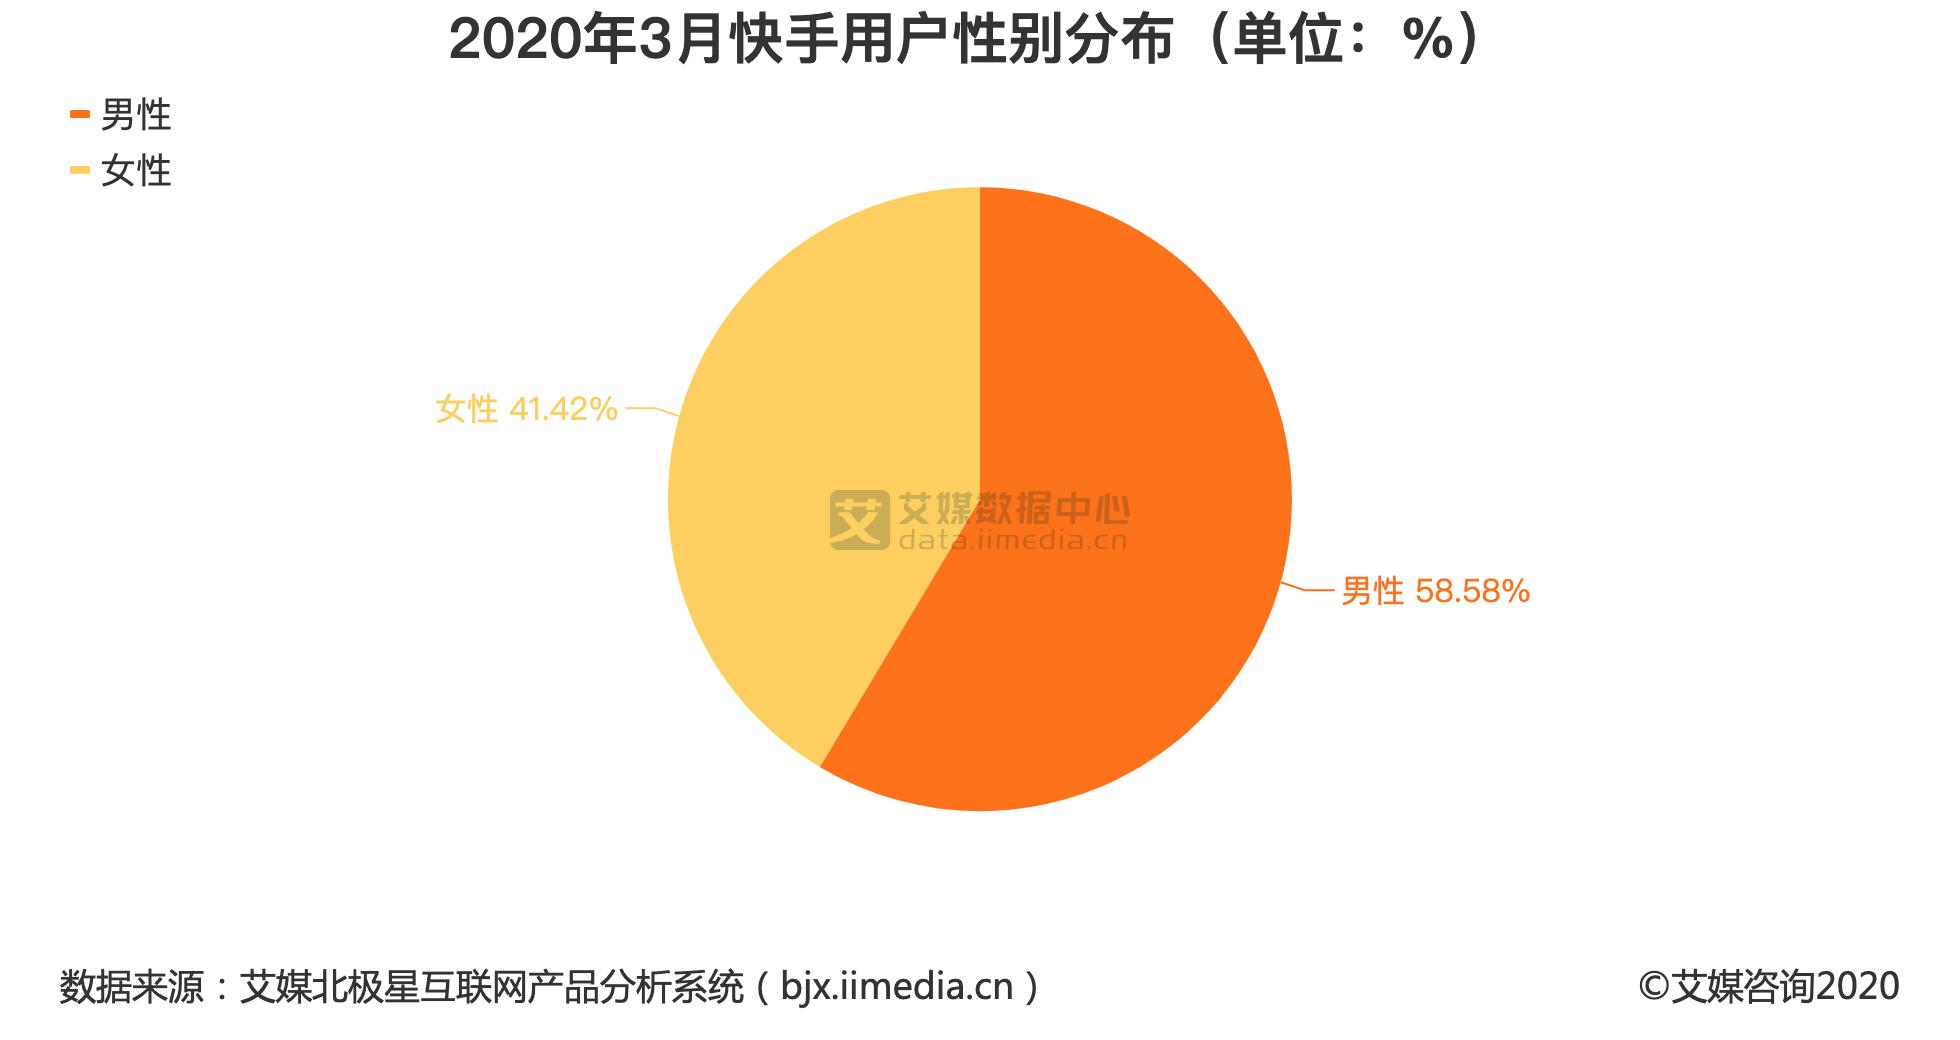 2020年3月快手用户性别分布(单位:%)